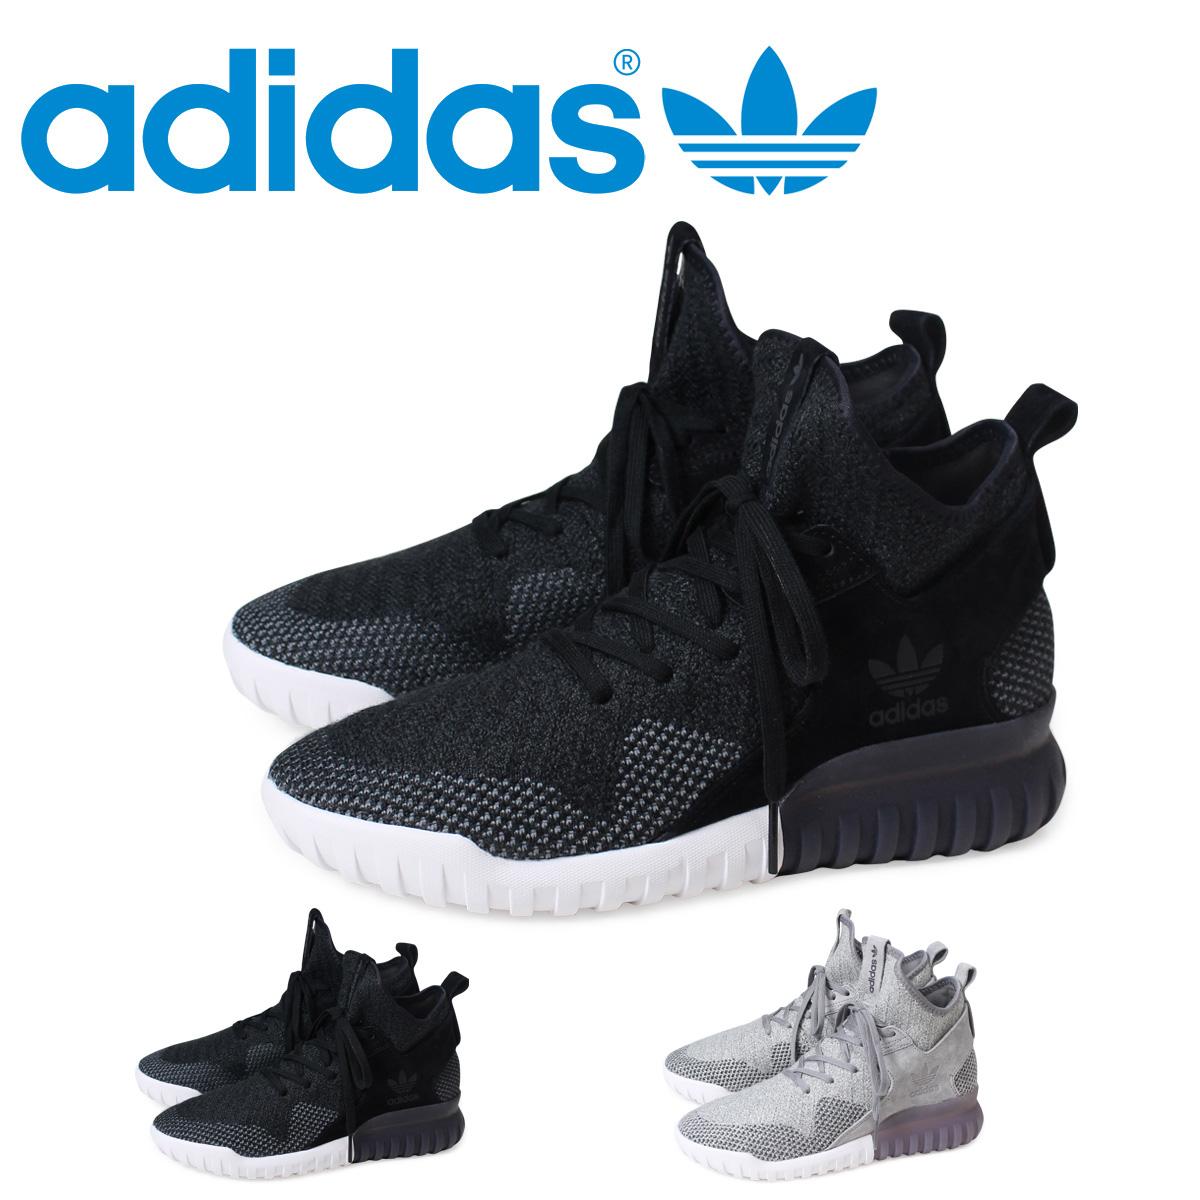 アディダスオリジナルスチューブラー adidas Originals スニーカーチュブラー TUBULAR men X PK LIMITED EDITION BB2379 BB2380 black gray